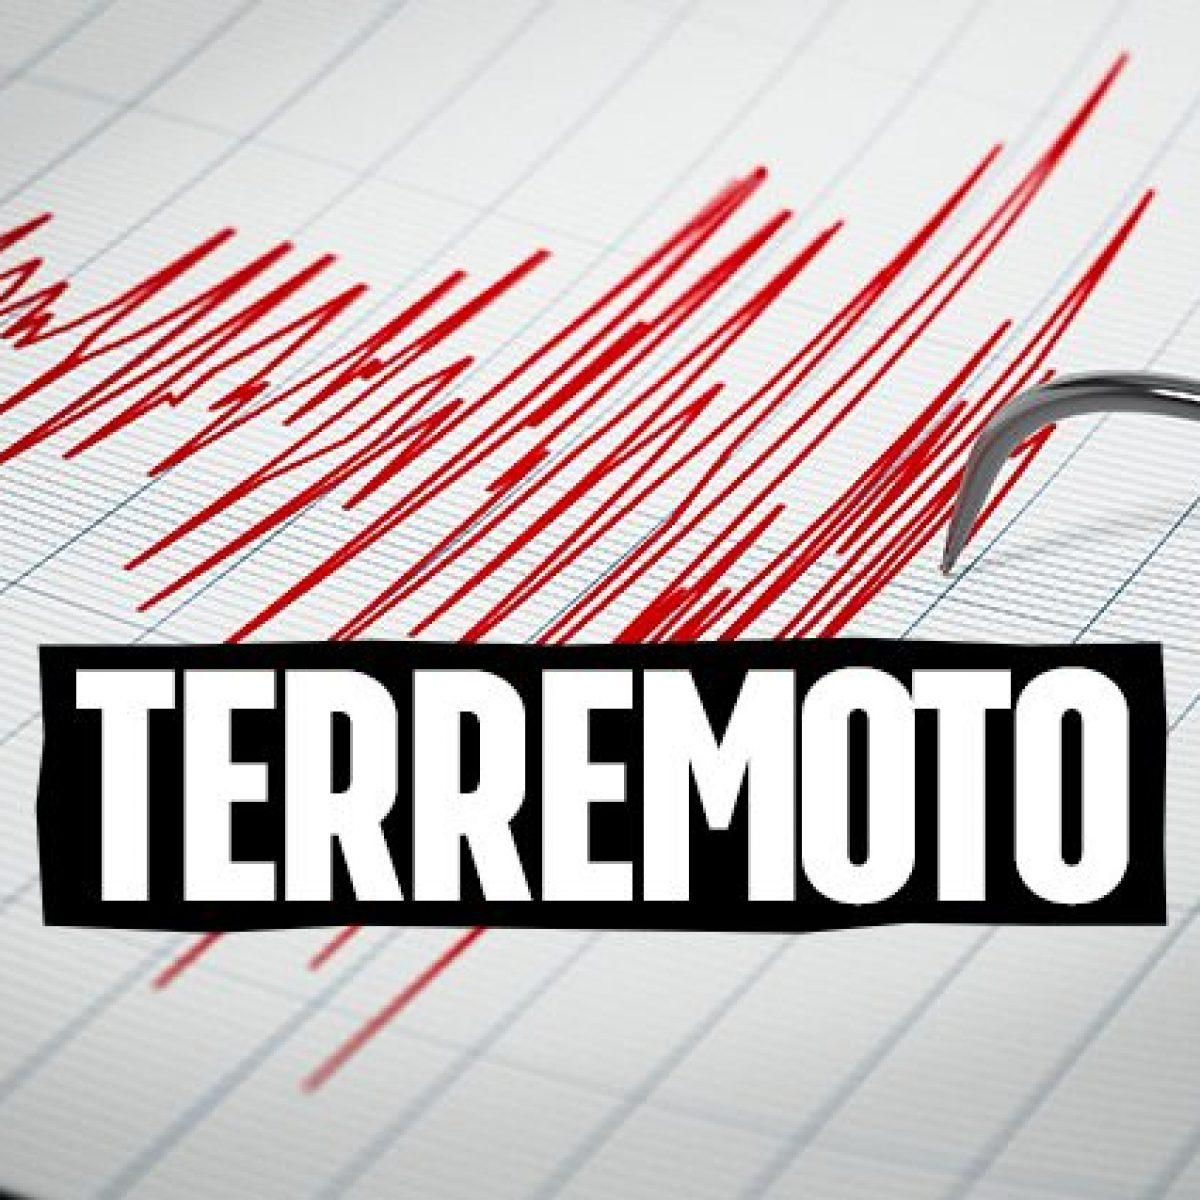 GARGANO: Piccola scossa di terremoto registrata tra Peschici e Vico